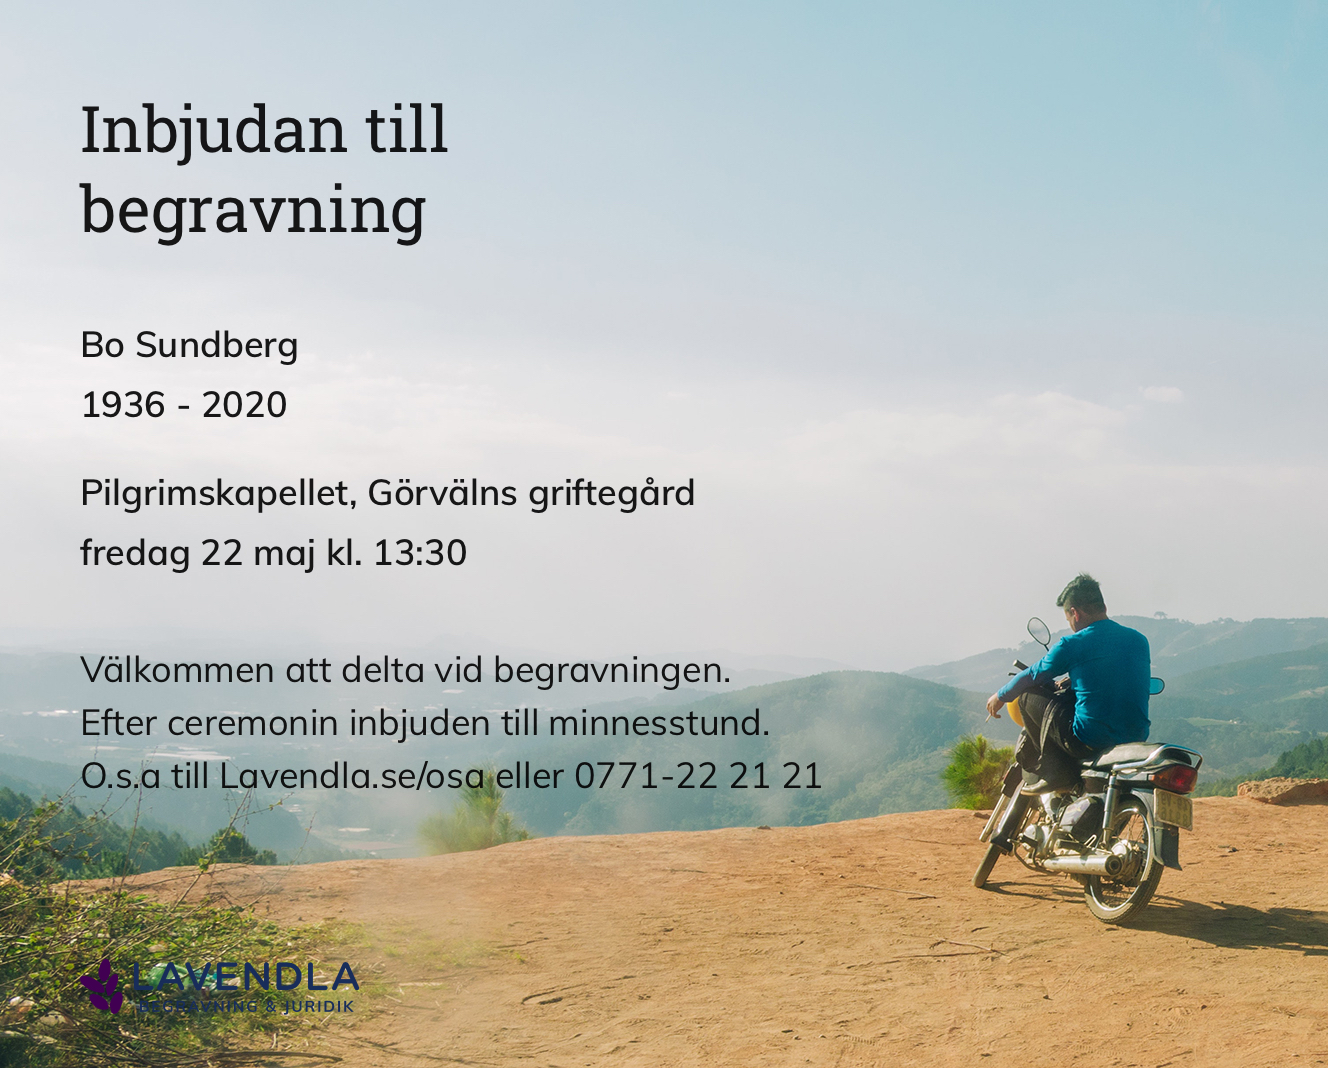 Inbjudningskort till ceremonin för Bo Sundberg